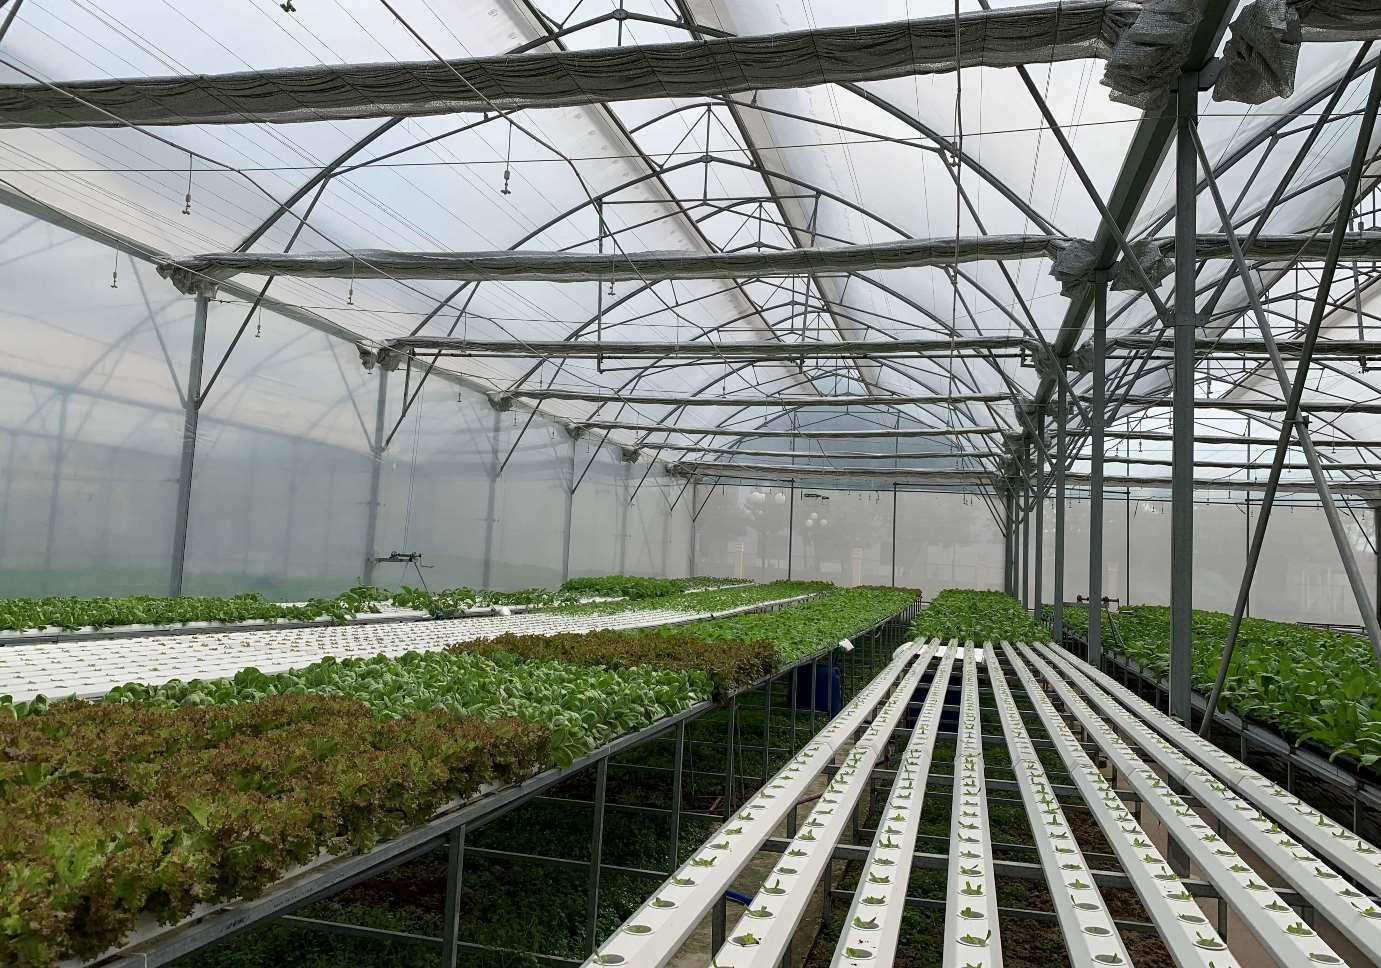 Quy trình sản xuất rau ăn lá thủy canh theo hướng hữu cơ